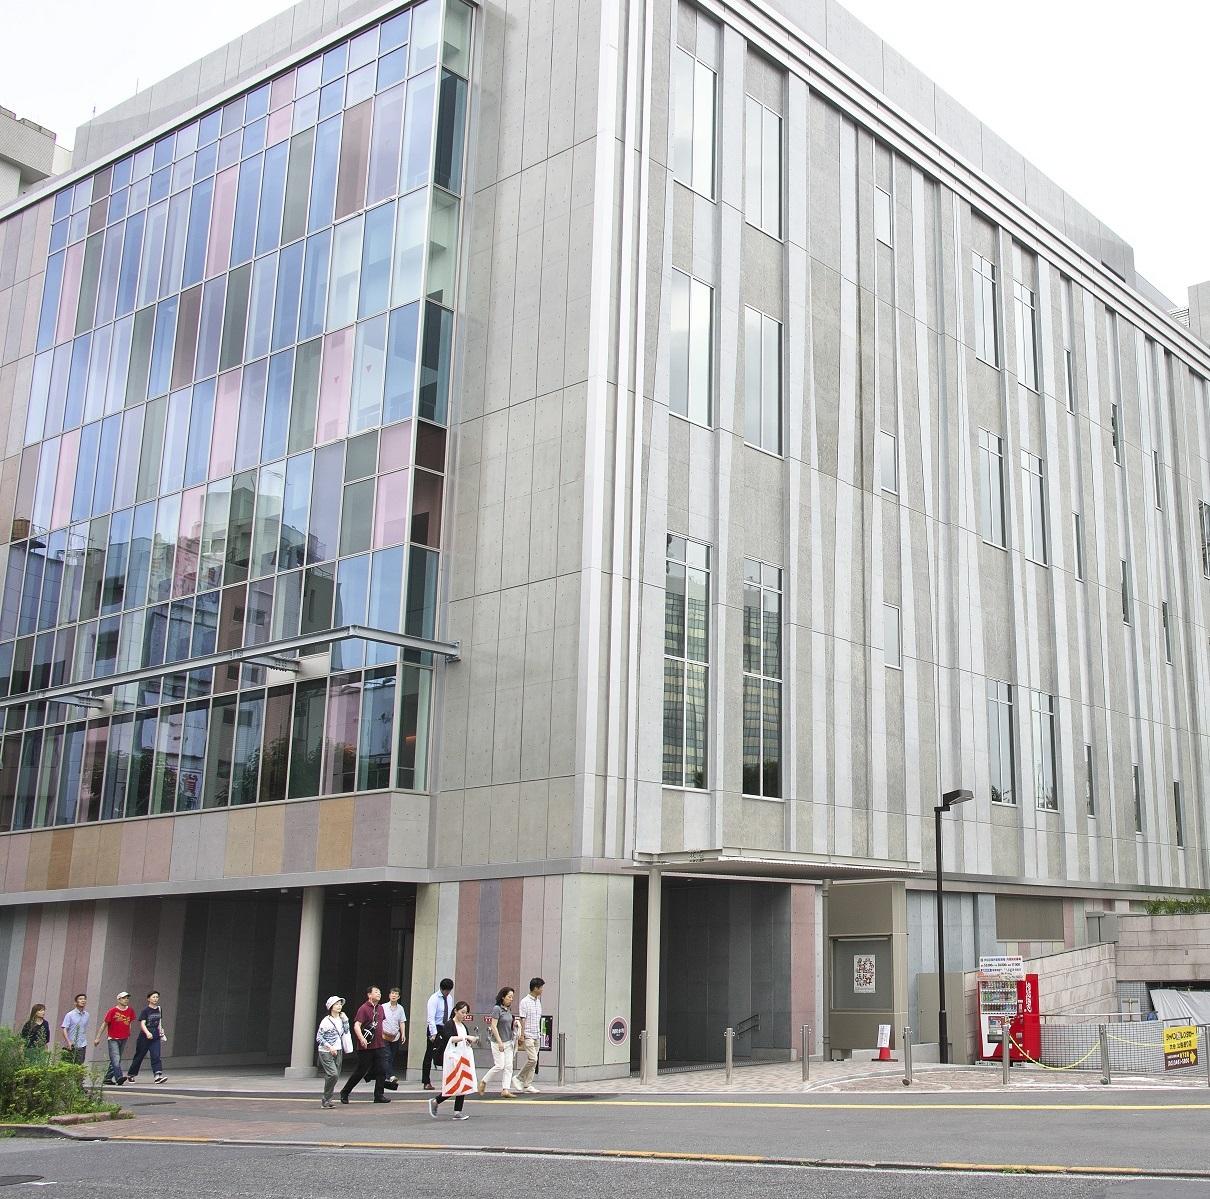 「LINE CUBE SHIBUYA」(新渋谷公会堂)は、2019年10月13日に開館した